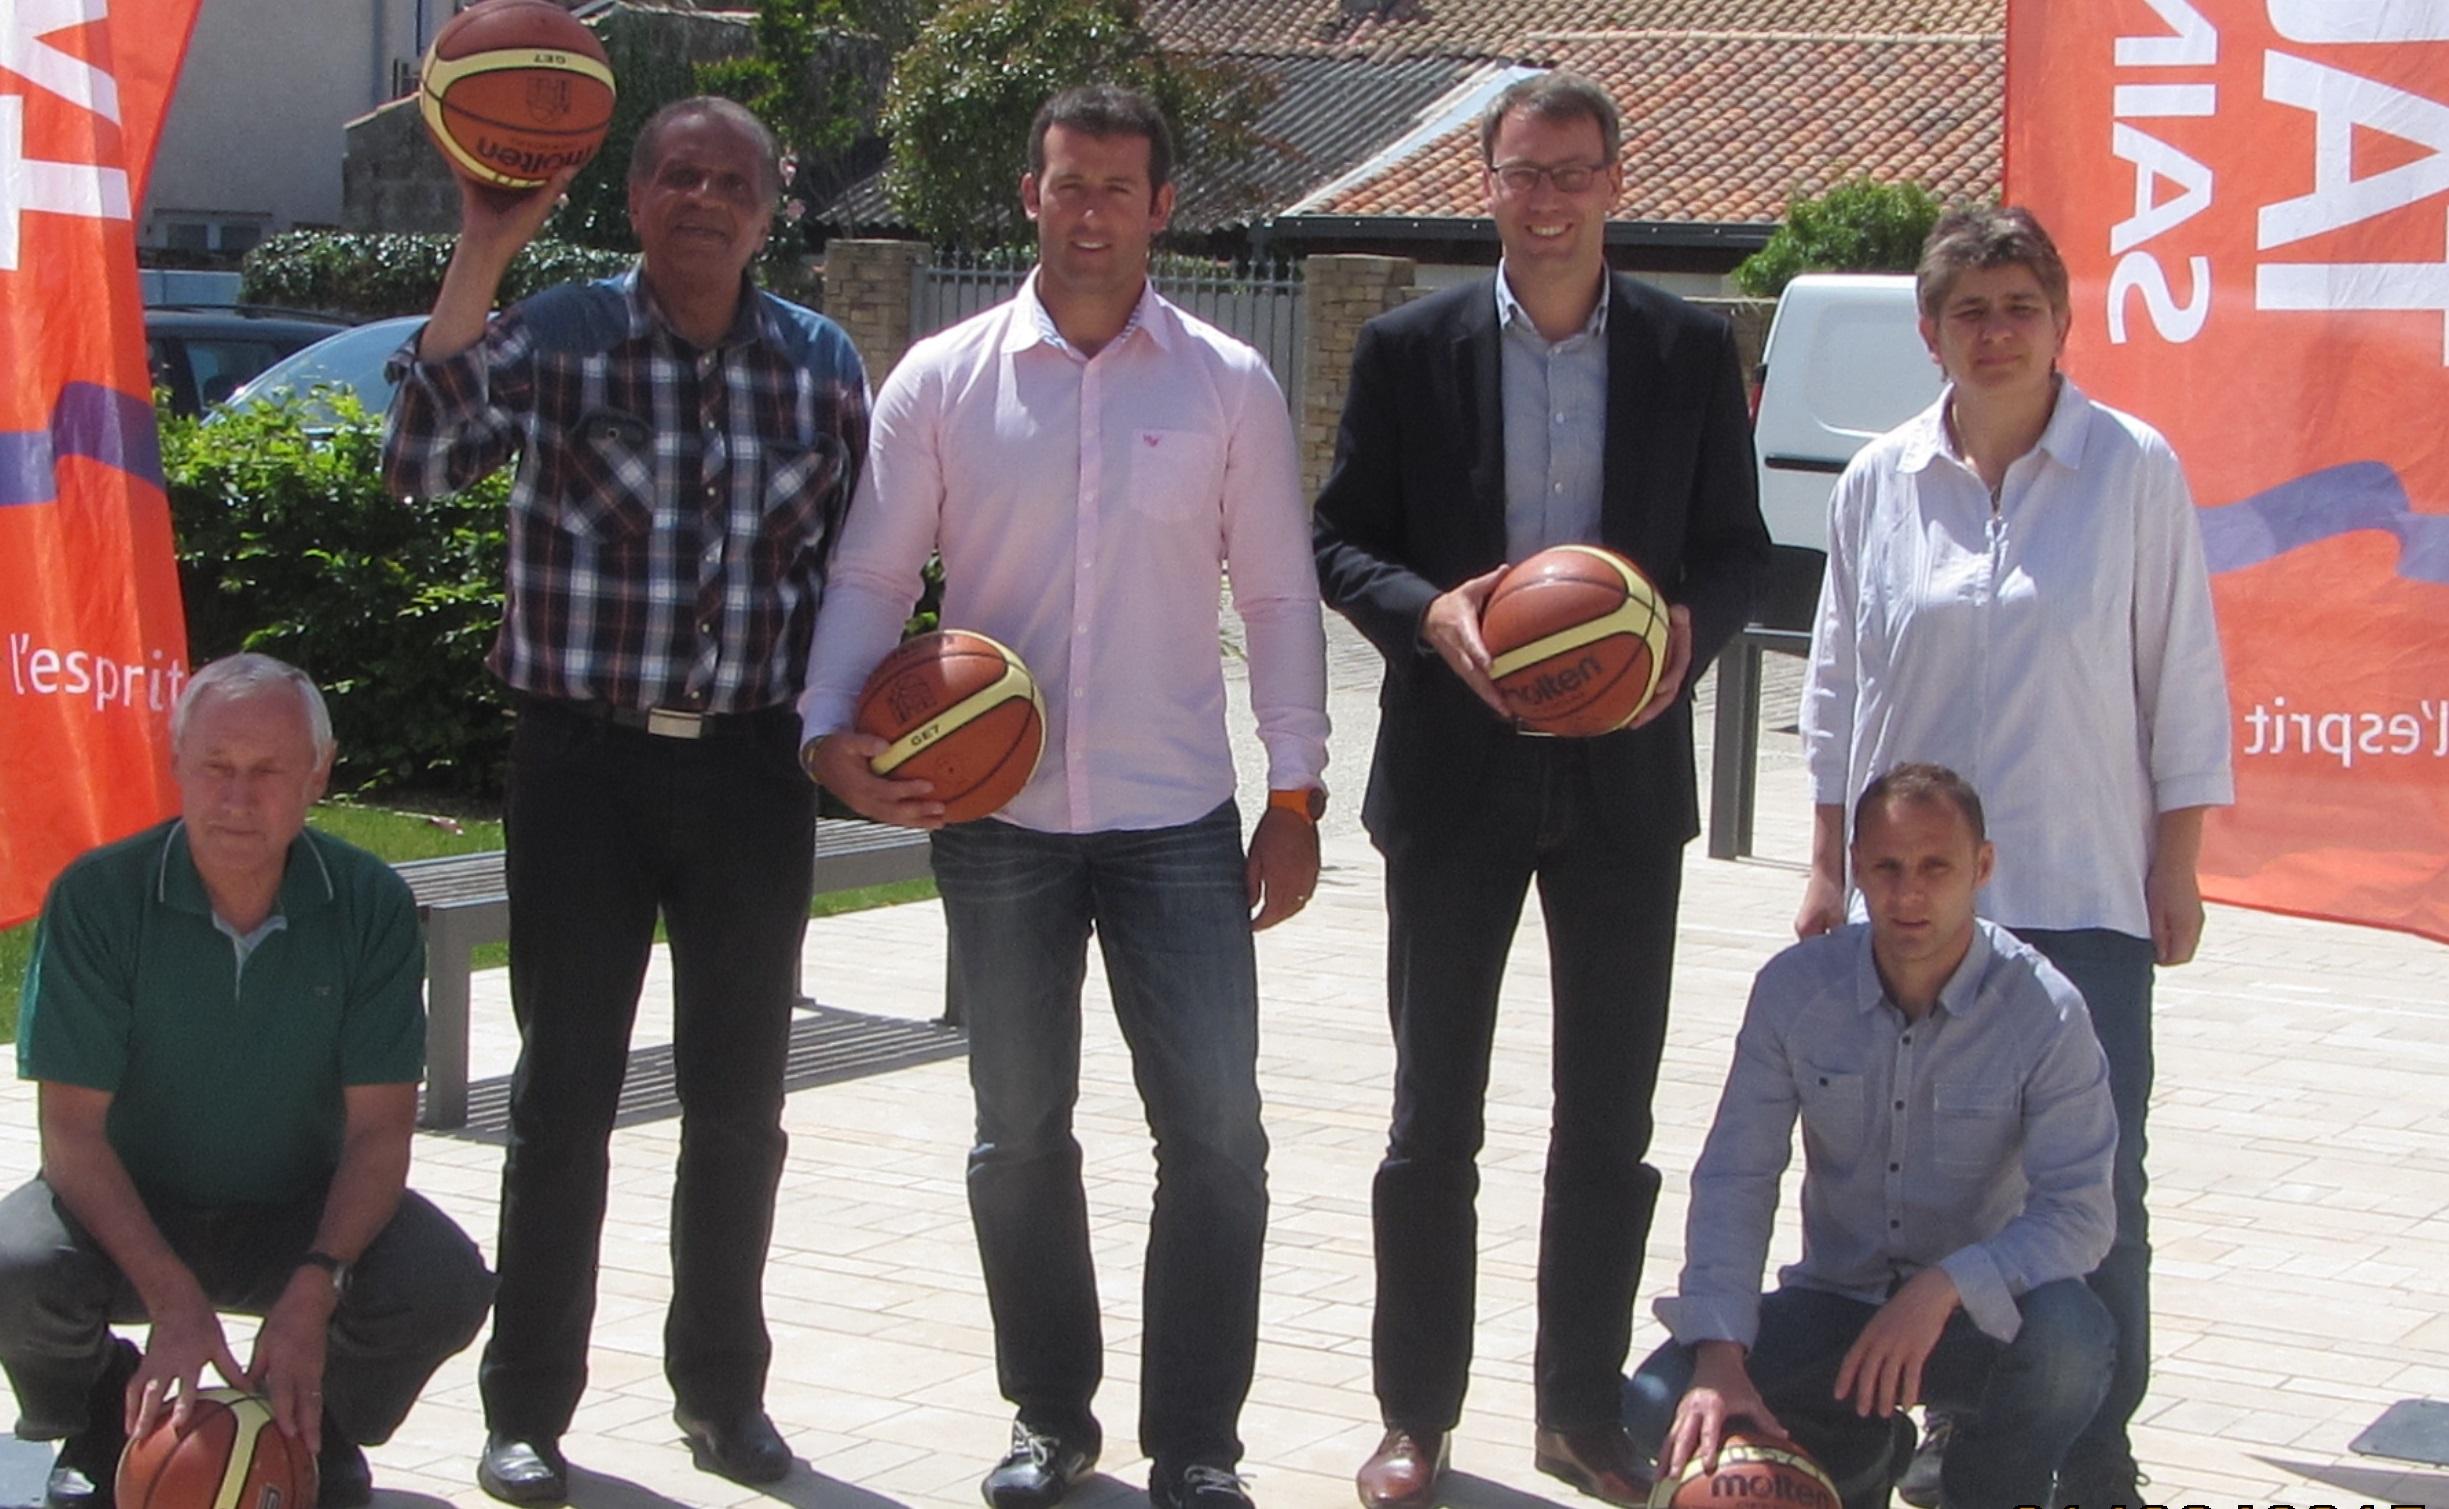 Les organisateurs étaient réunis sur le parvis de la mairie autour de Maxence de Rugy et Nathalie Boucher la Présidente du Club de Basket de Talmont